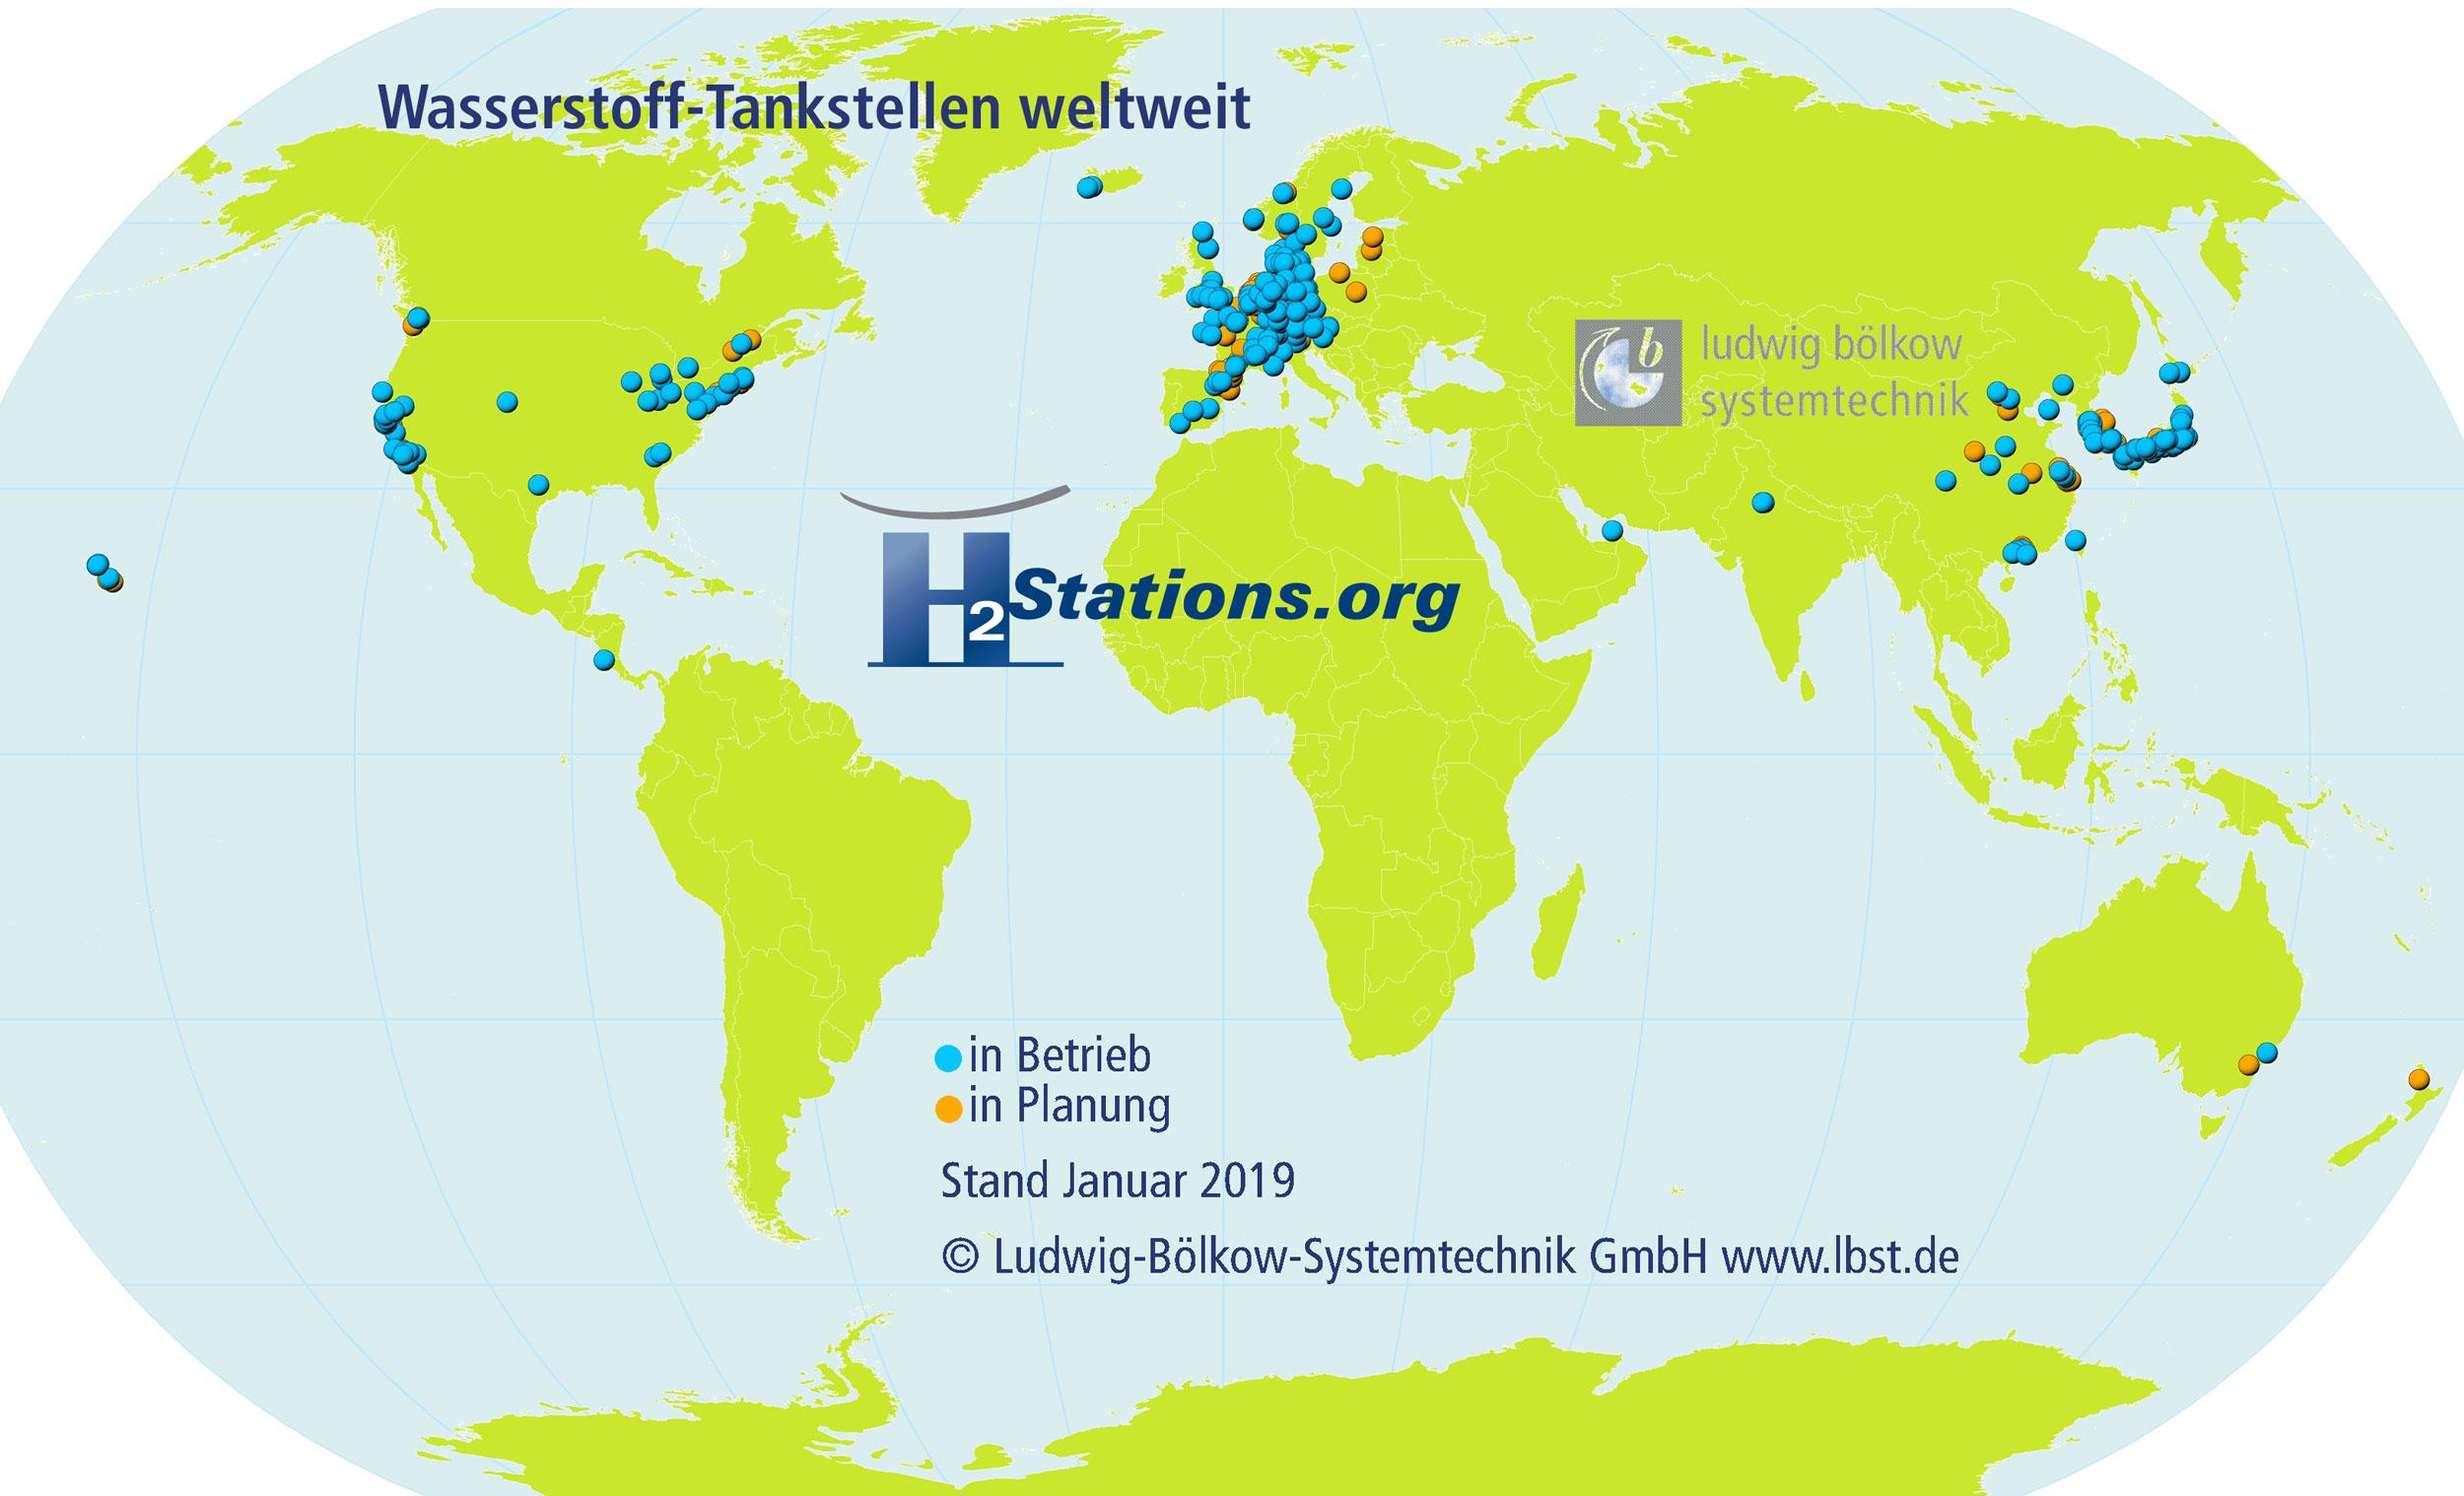 Wasserstoff-Tankstellen-weltweit-2019